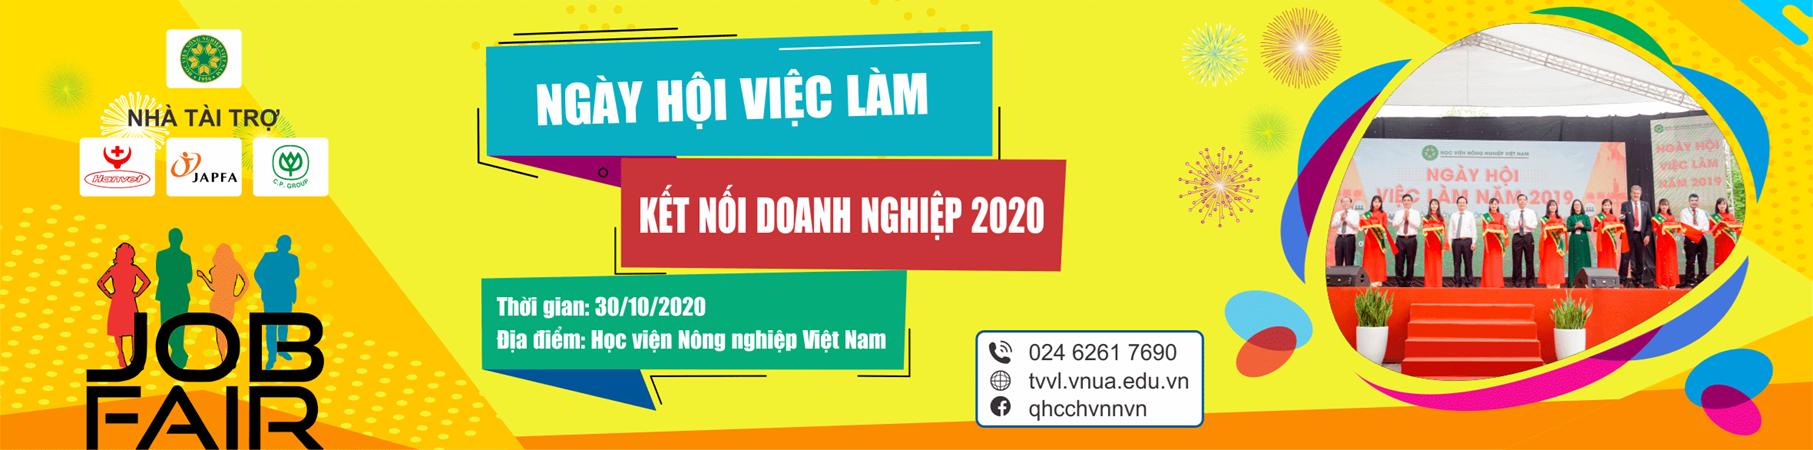 Thông báo Ngày hội việc làm năm 2020 của Học viện Nông nghiệp Việt Nam